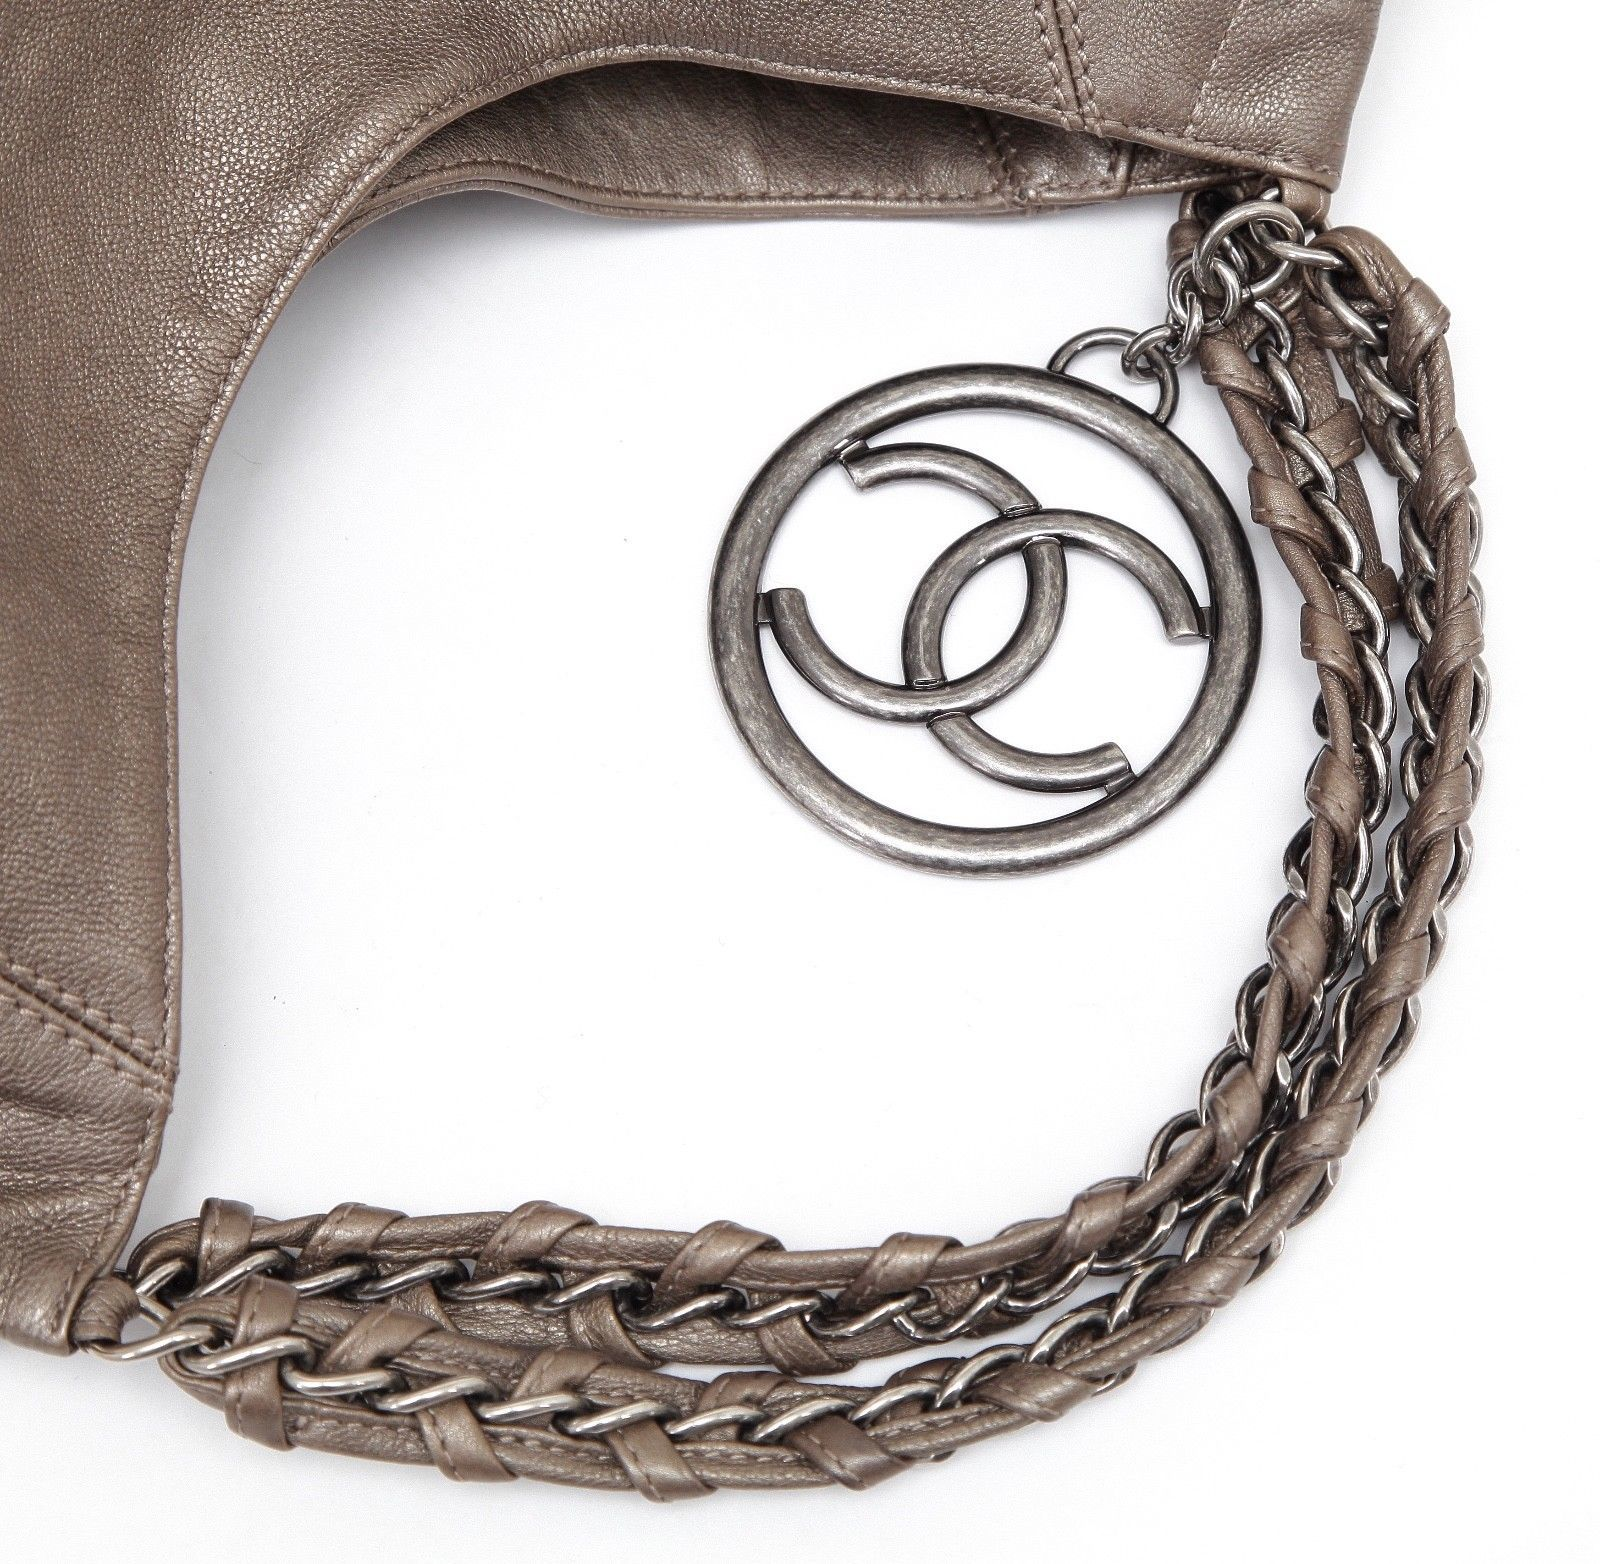 b2008cee5de16e CHANEL Bag Leather Metallic COCO CABAS TOTE Khaki Aged Silver Chain